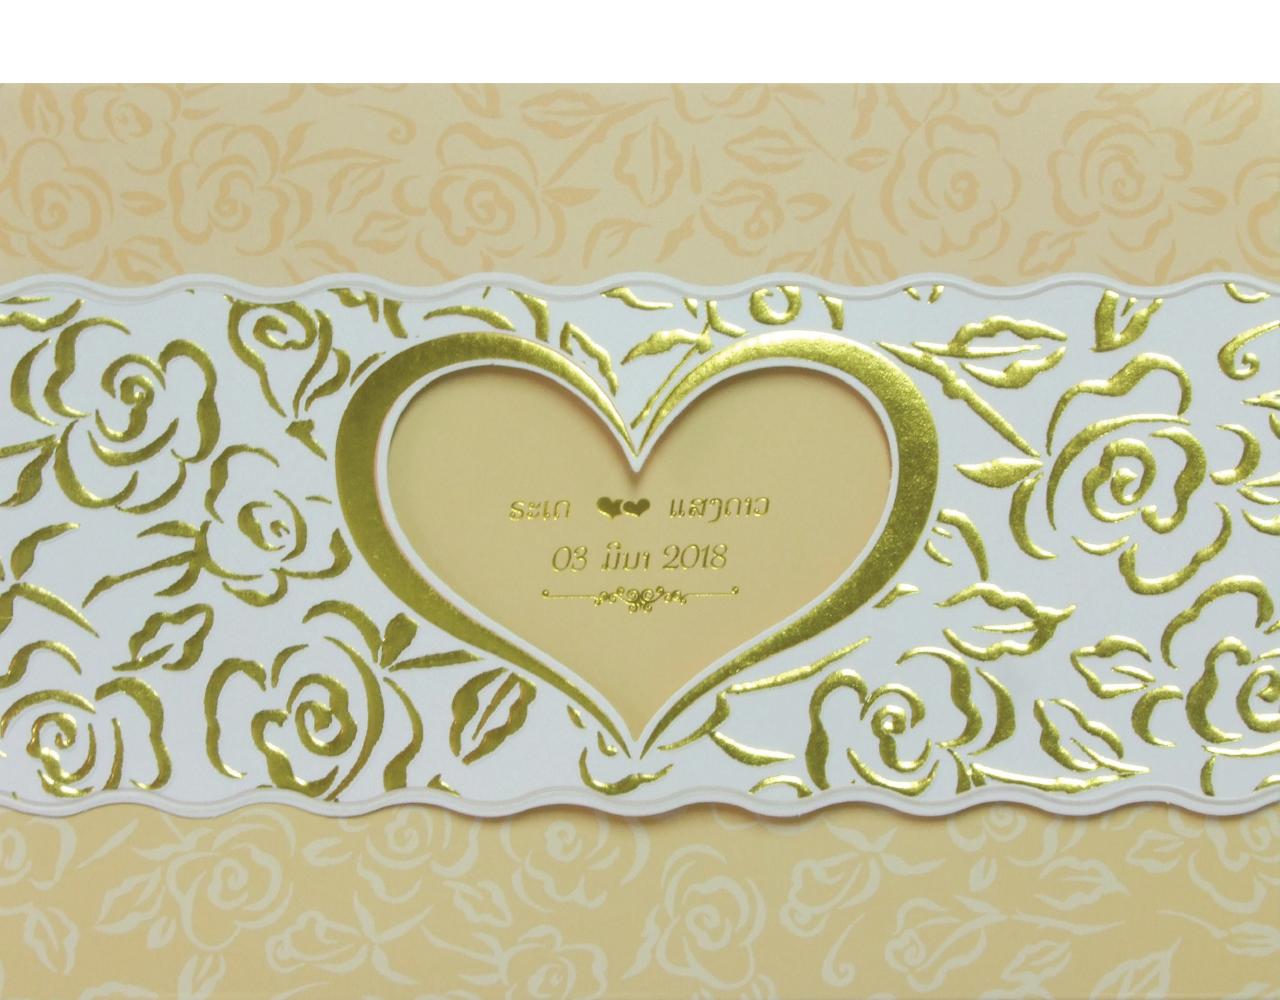 การ์ดแต่งงาน การ์ดเชิญงานแต่ง สีครีม ปั๊มนูน ปั๊มเคทอง wedding card 13 x 18 cm WC 5335 ฿ 8.00